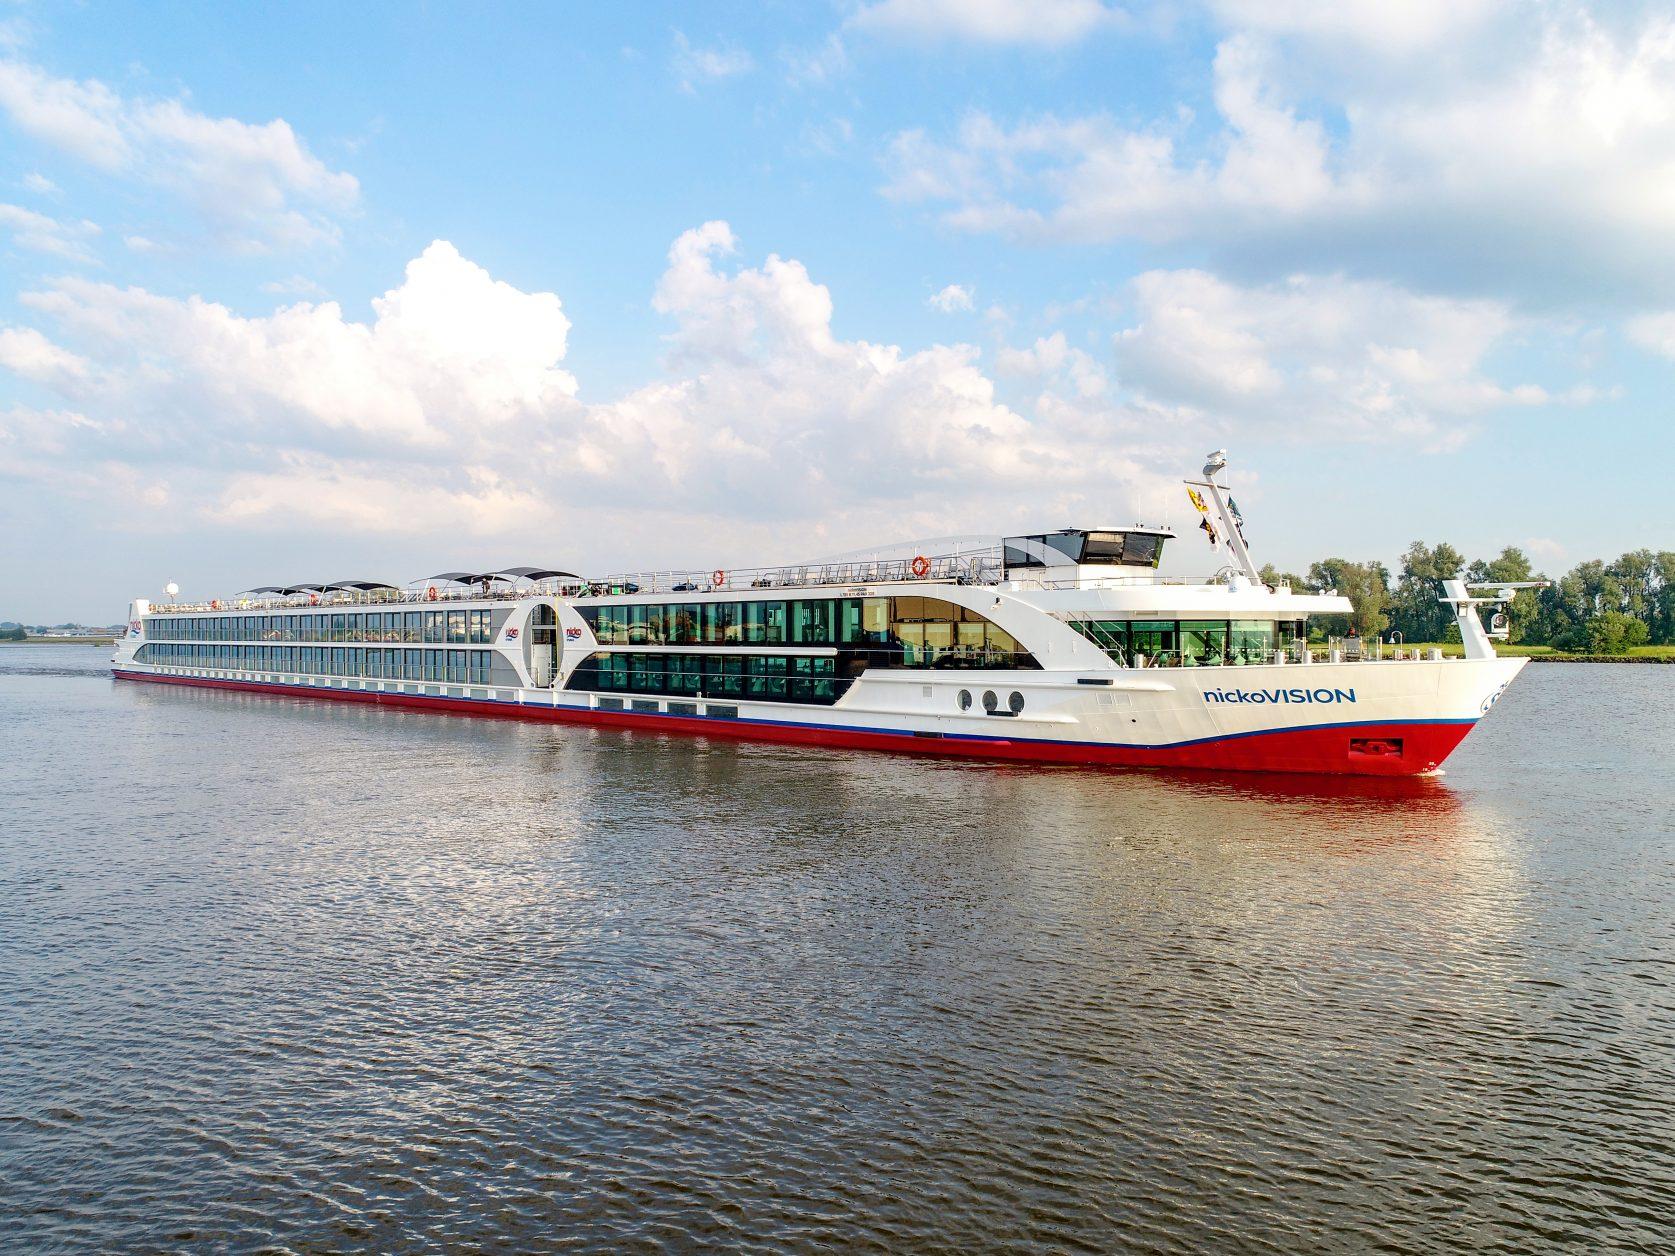 """Die """"nickoVision"""" fährt auf der Donau. Foto: nicko cruises"""